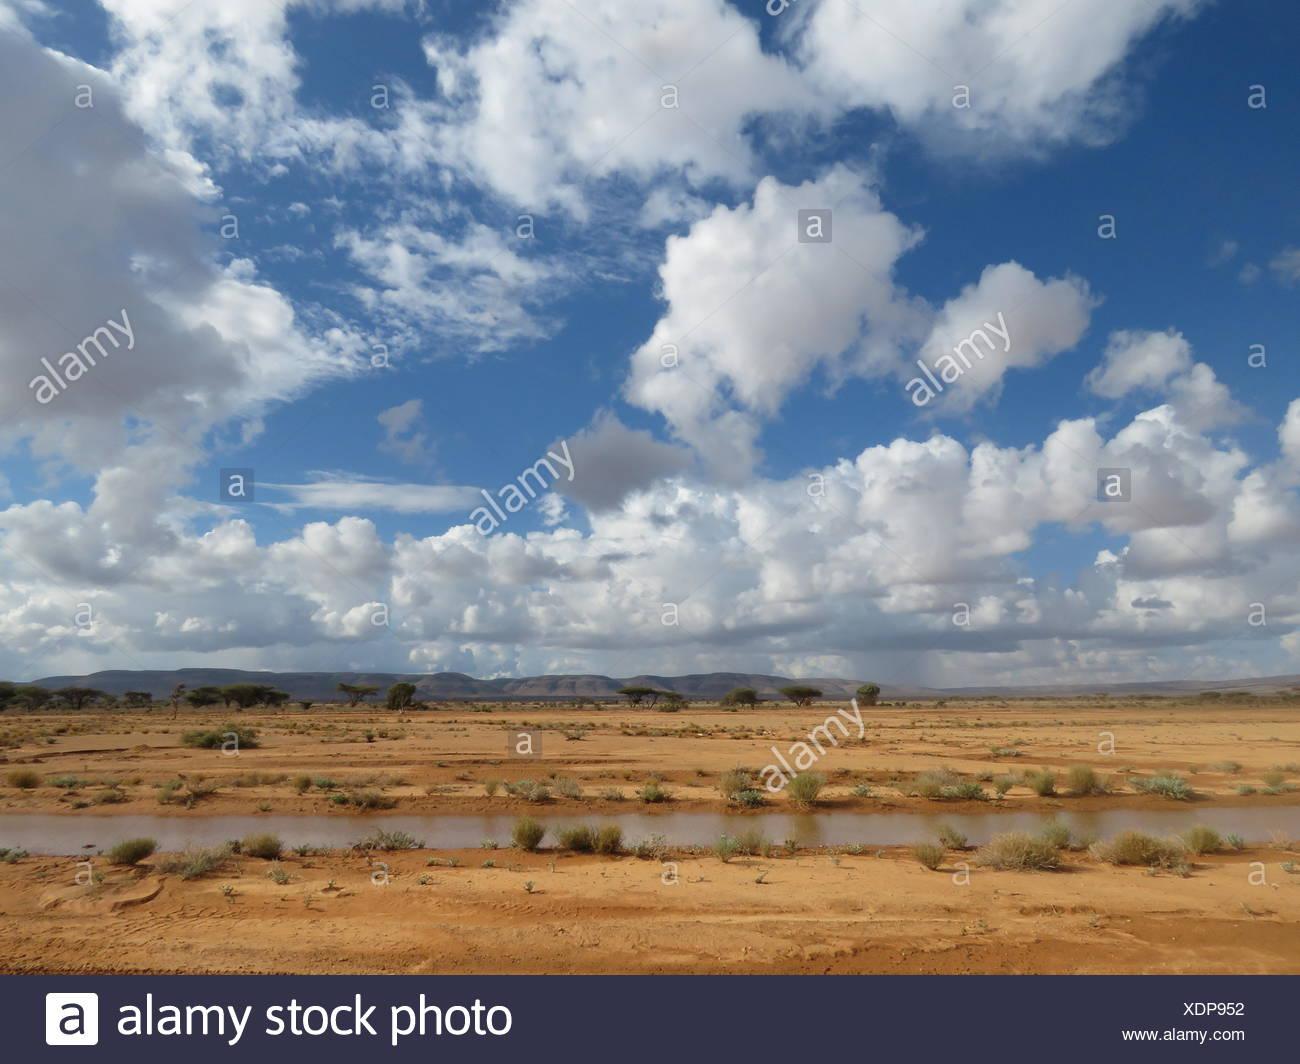 River in barren landscape in Somalia. - Stock Image